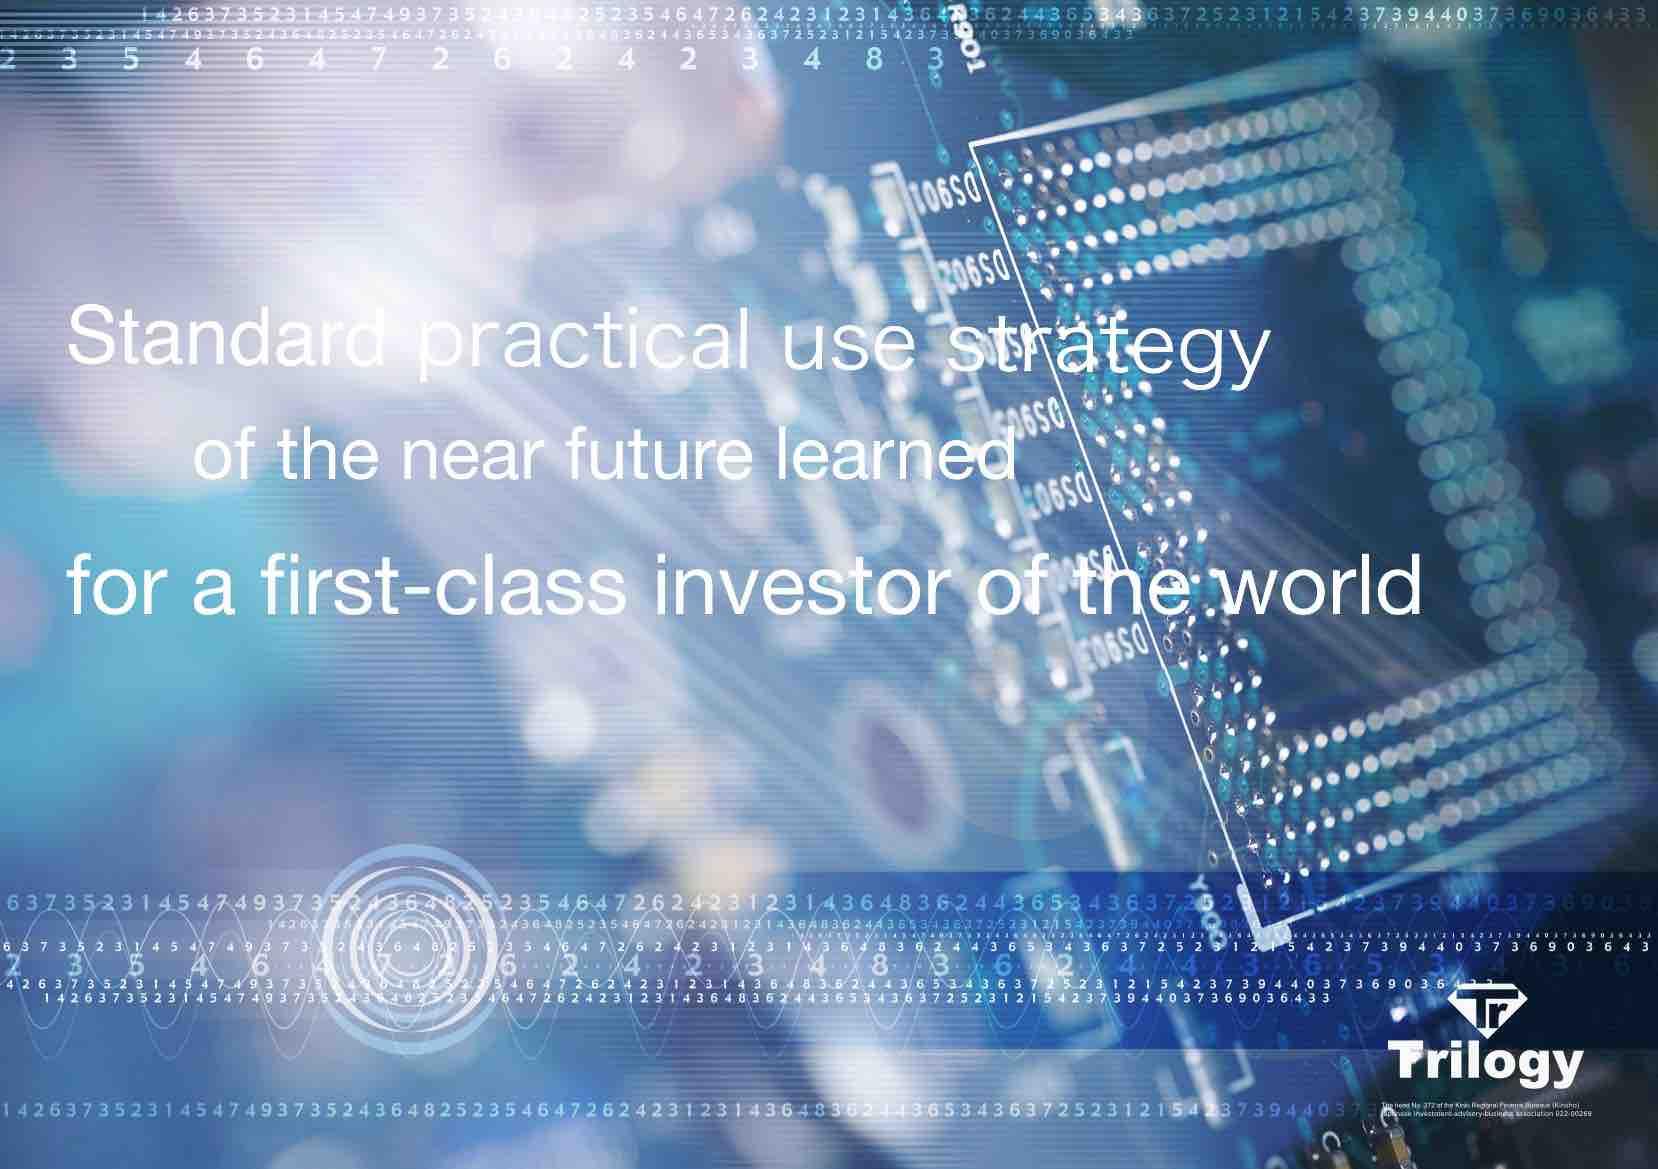 8/22 世界の一流投資家に学ぶ近未来のスタンダード運用戦略 〜 MT4 EA ポートフォリオについて 〜